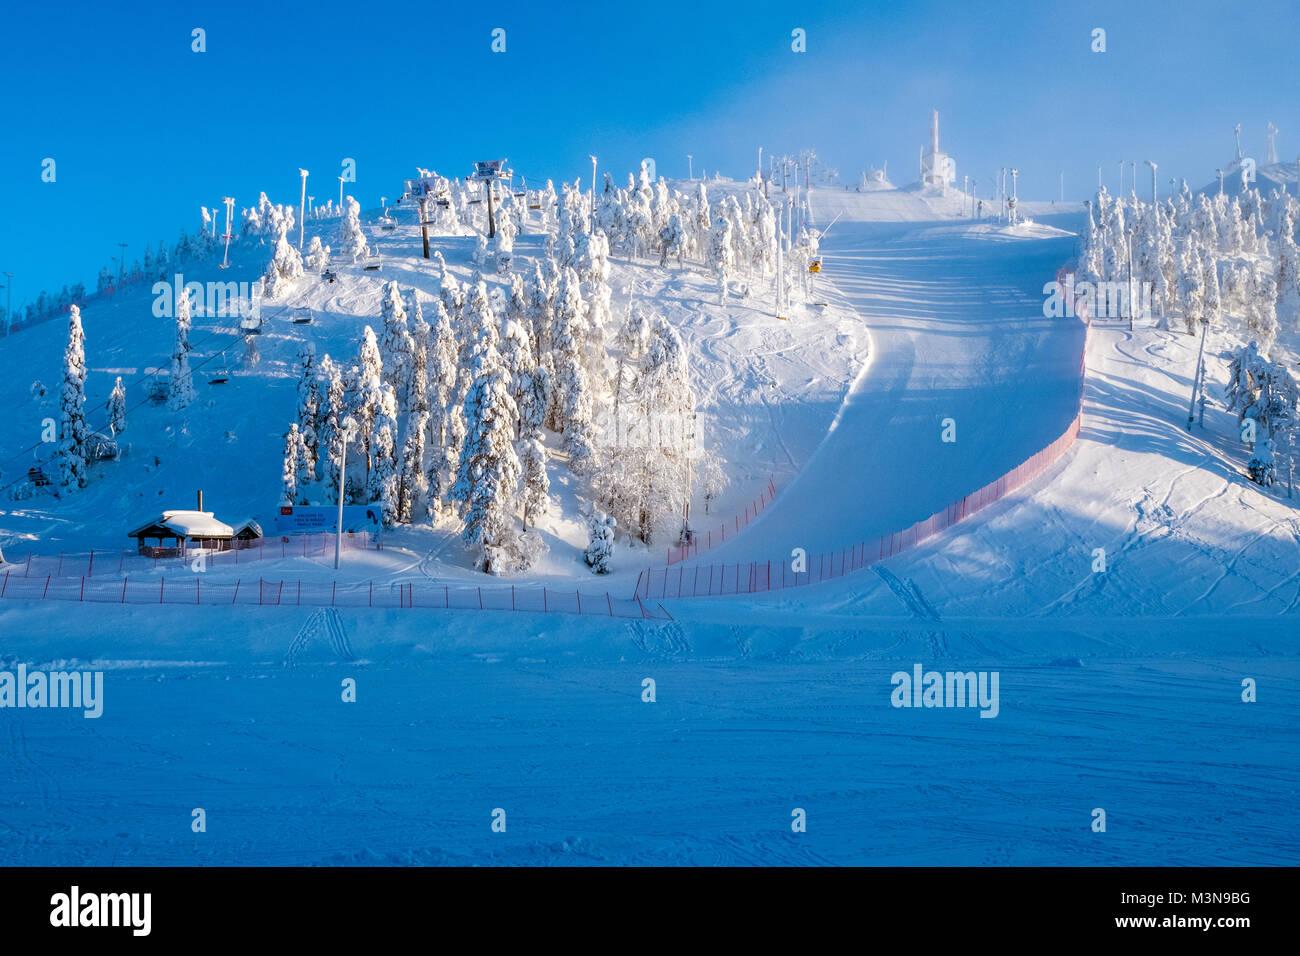 La stazione sciistica di Ruka in Finlandia Immagini Stock